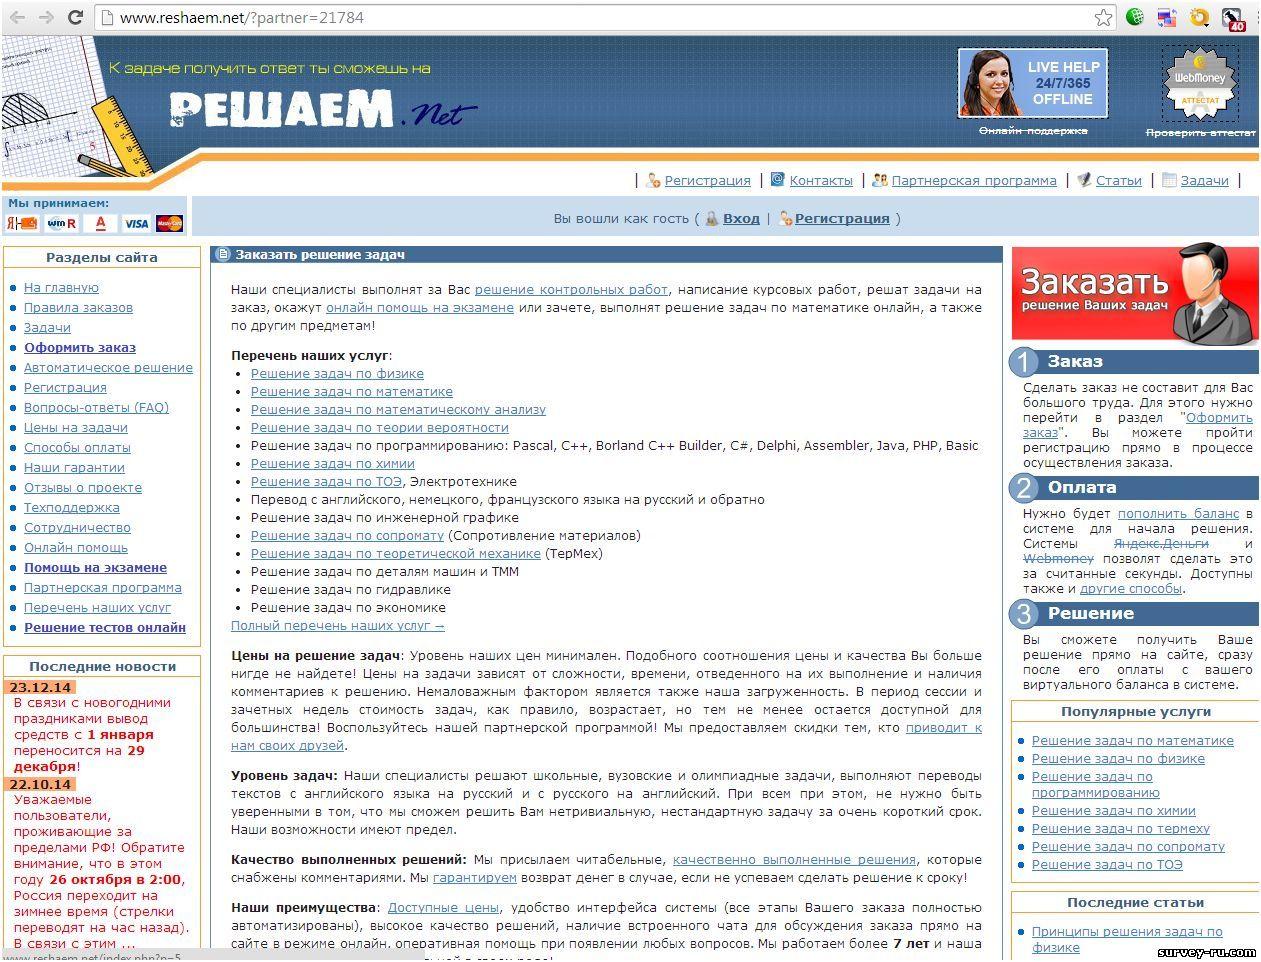 reshaem.ru